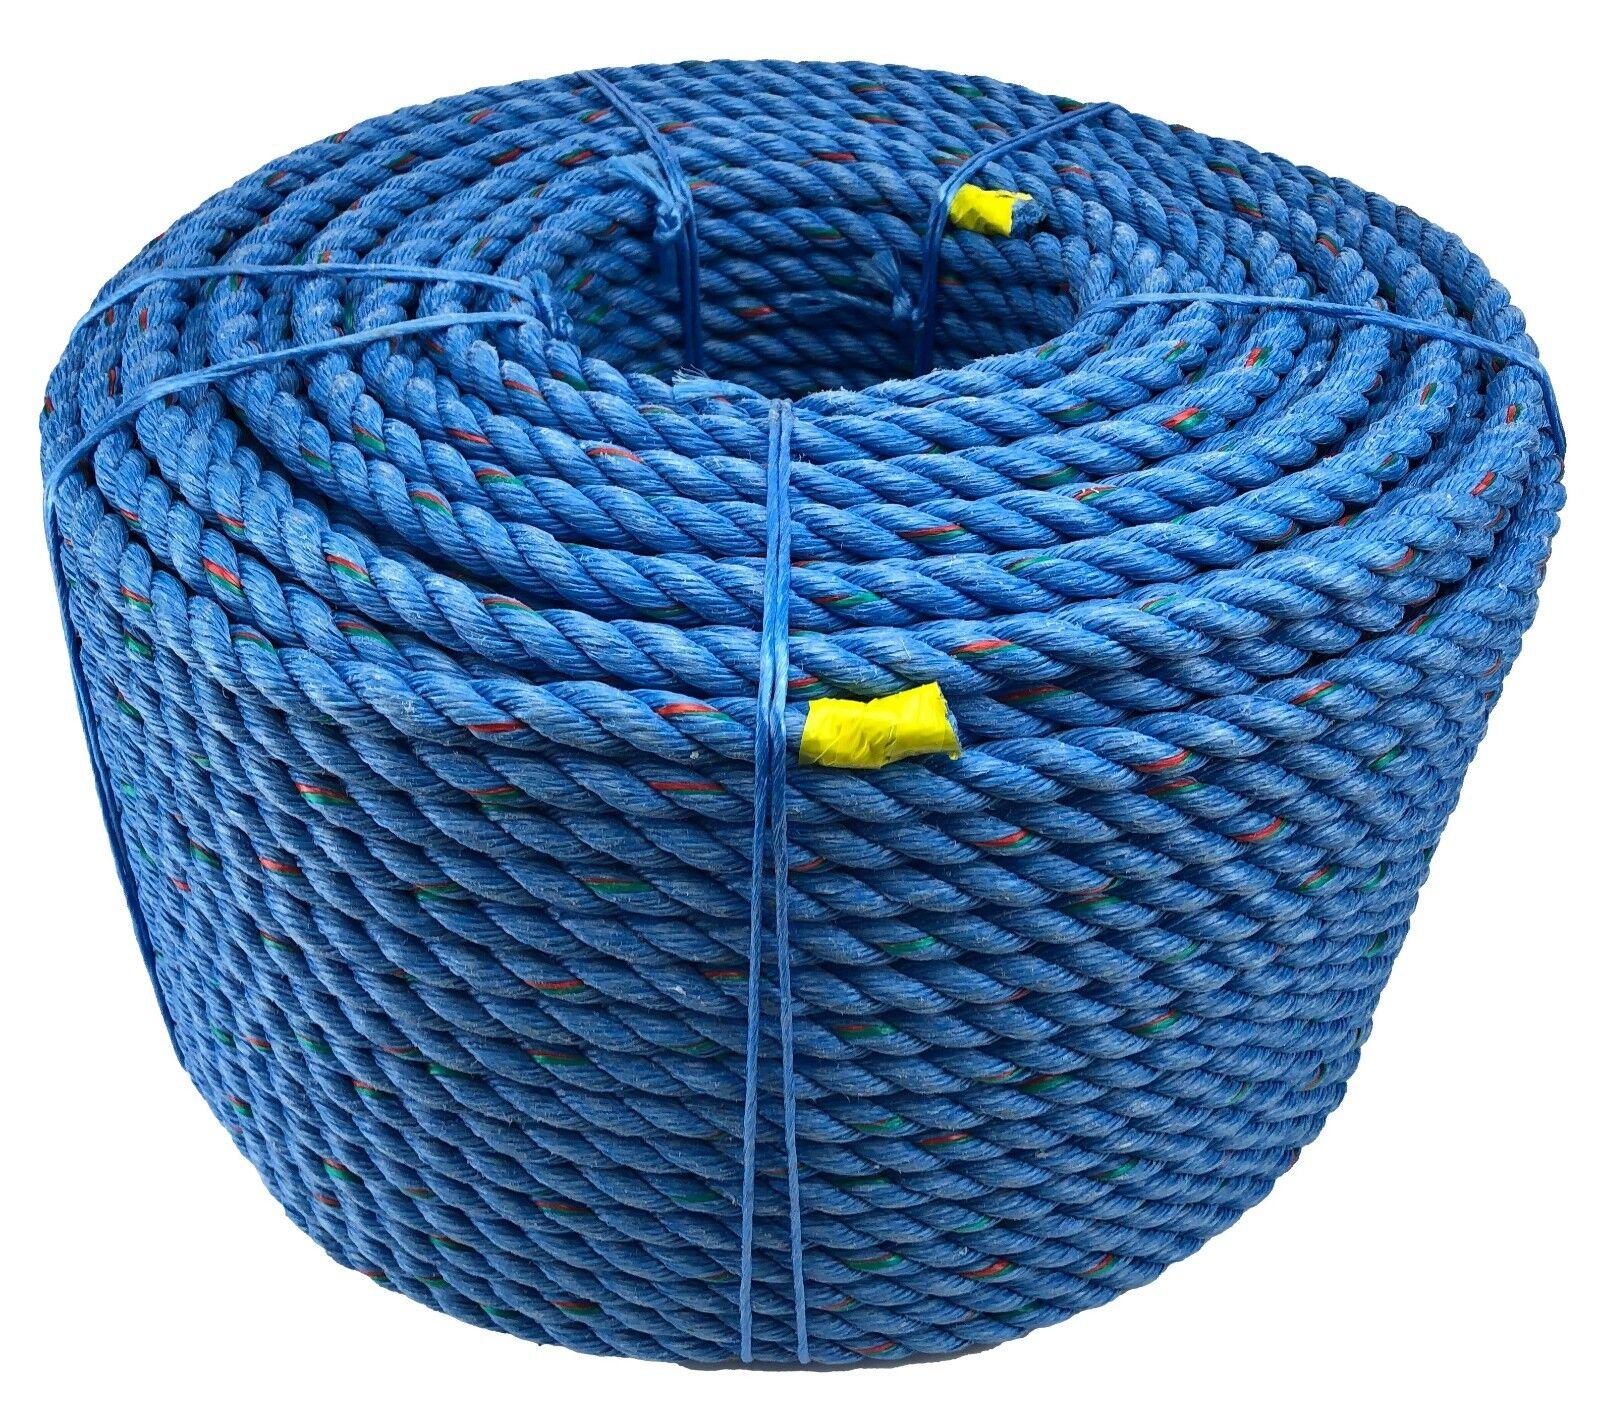 18mm Azul Poliacero Cuerda X 50 Metros, de Descenso, Reparación, Árbol Cirugía